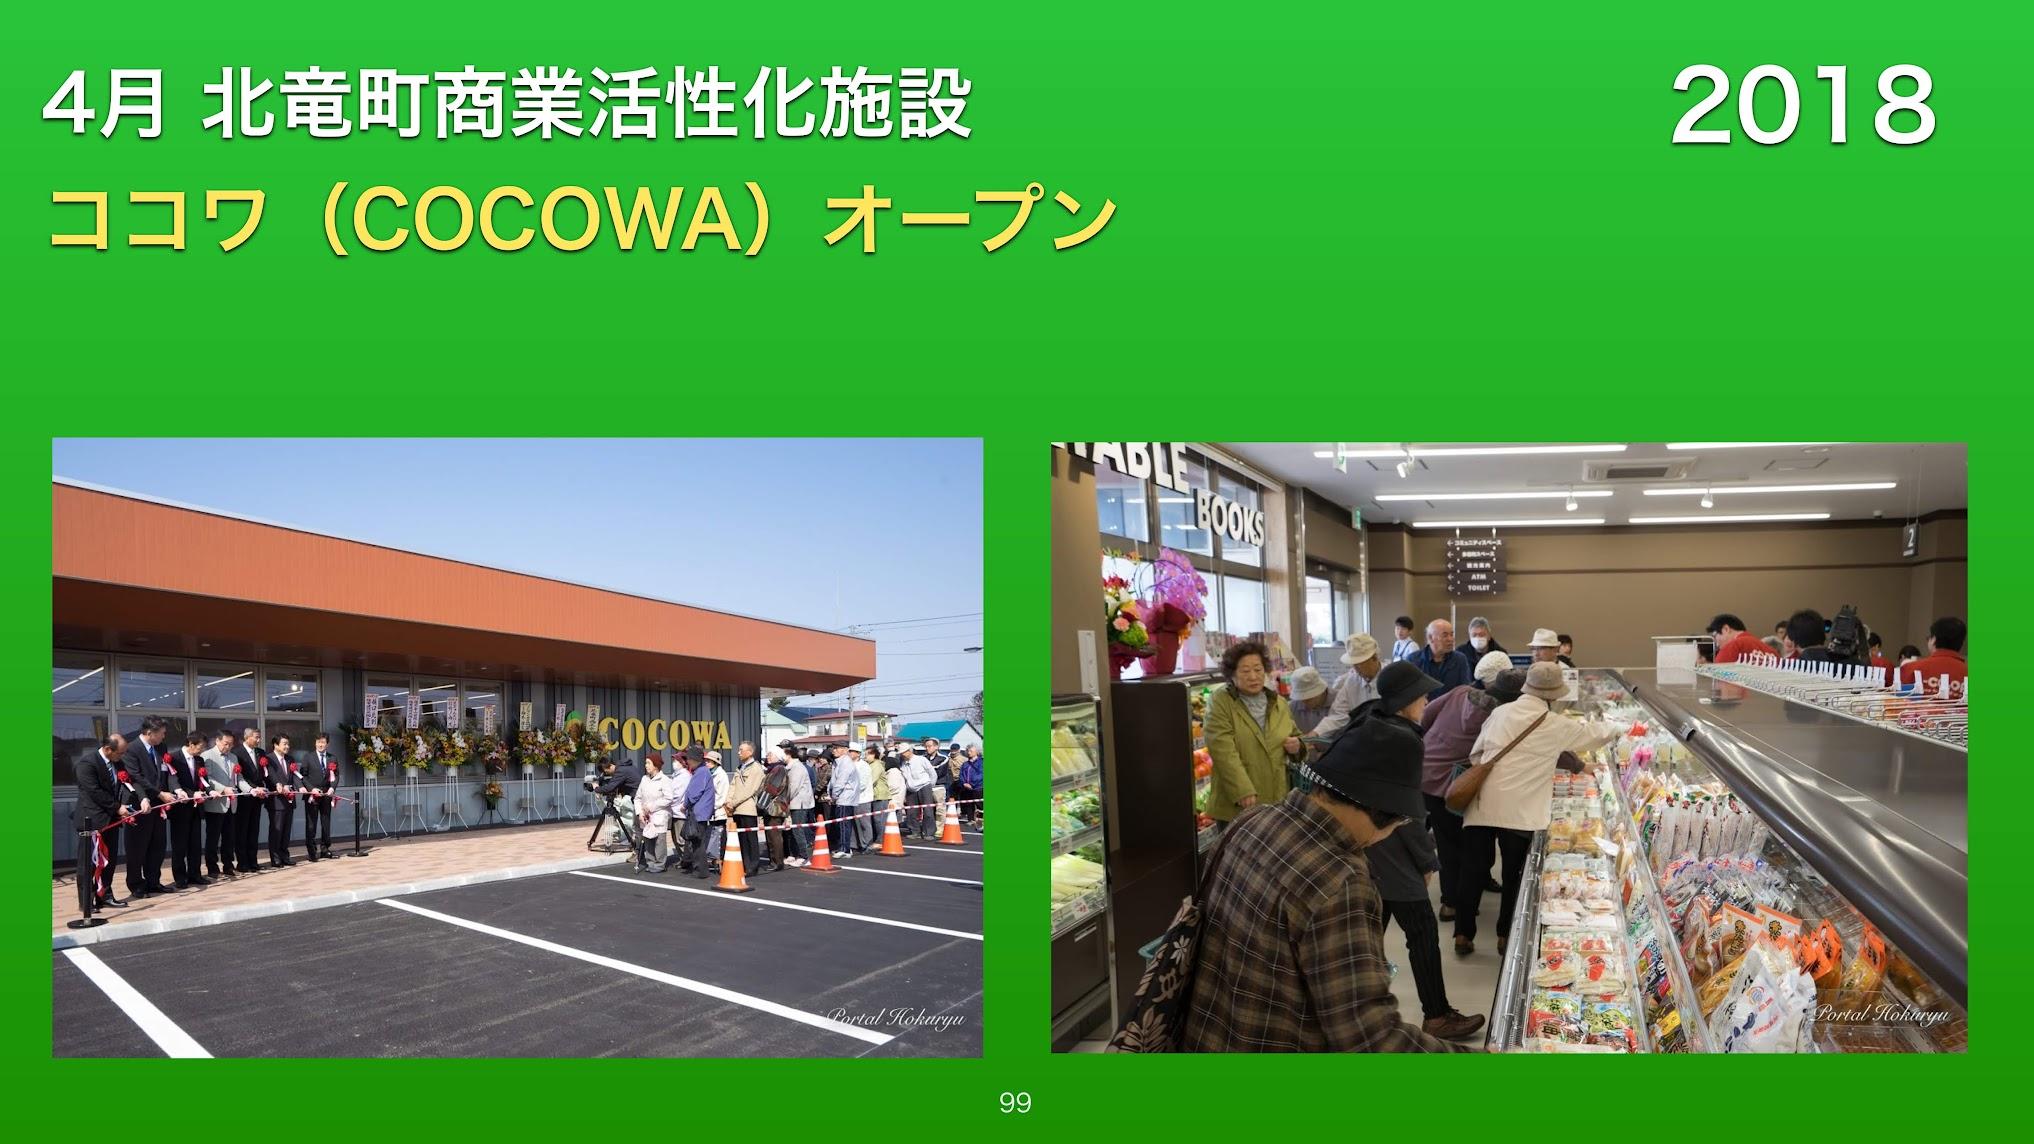 4月:北竜町商業活性化施設ココワ(cocowa)オープン